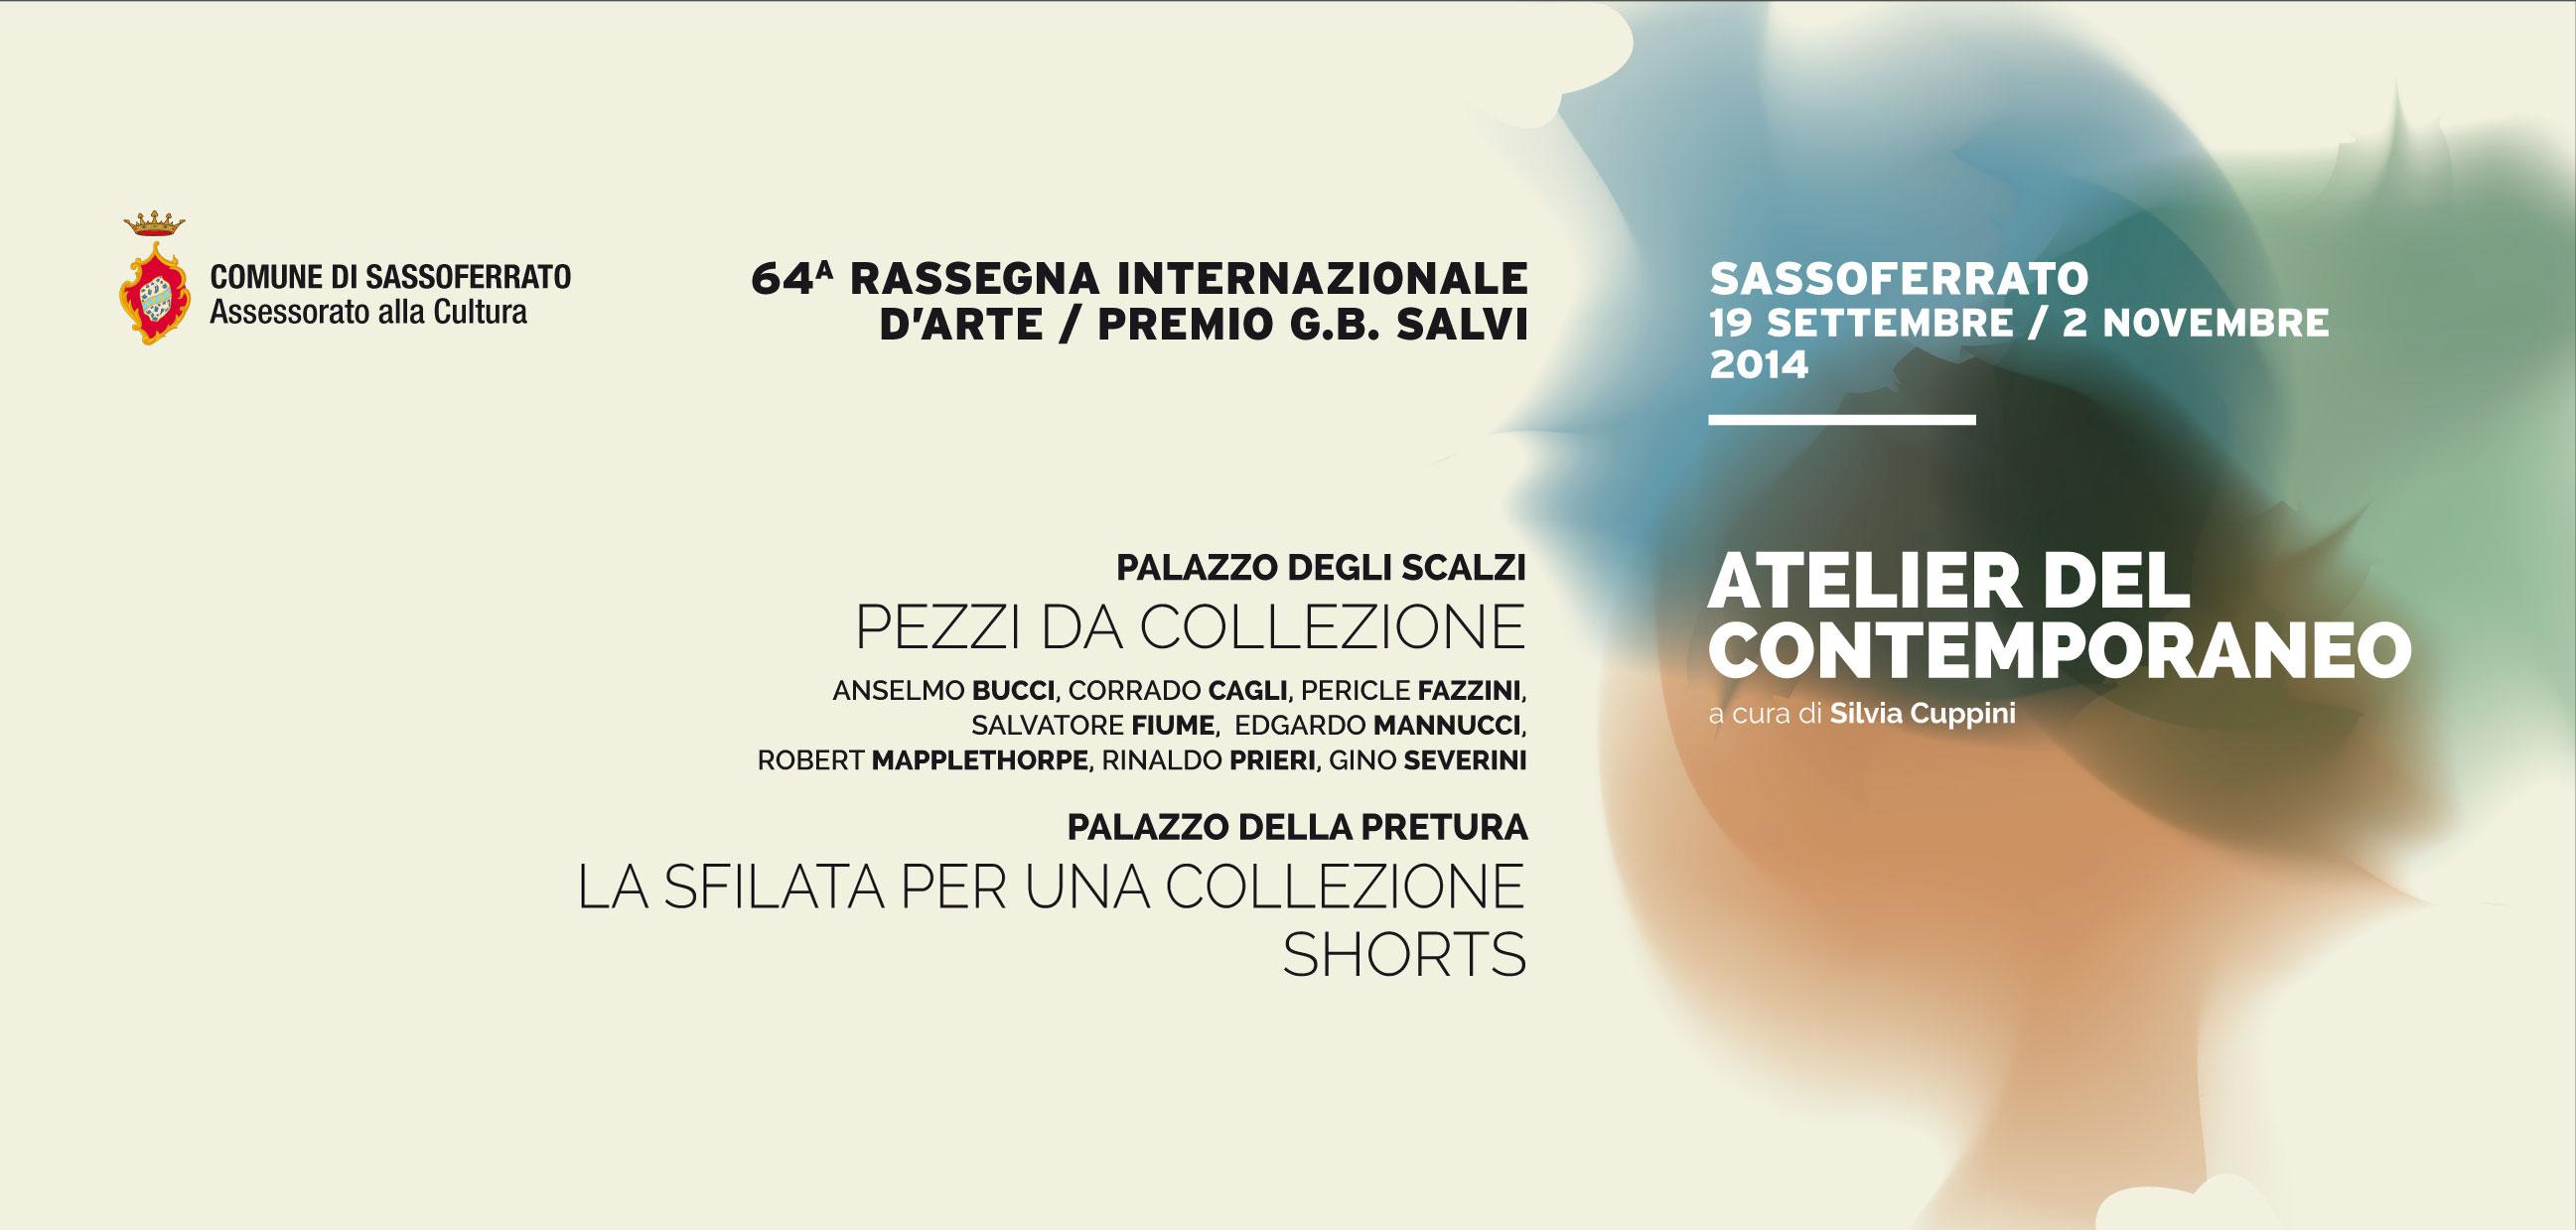 Invito Premio G.B. Salvi 2014